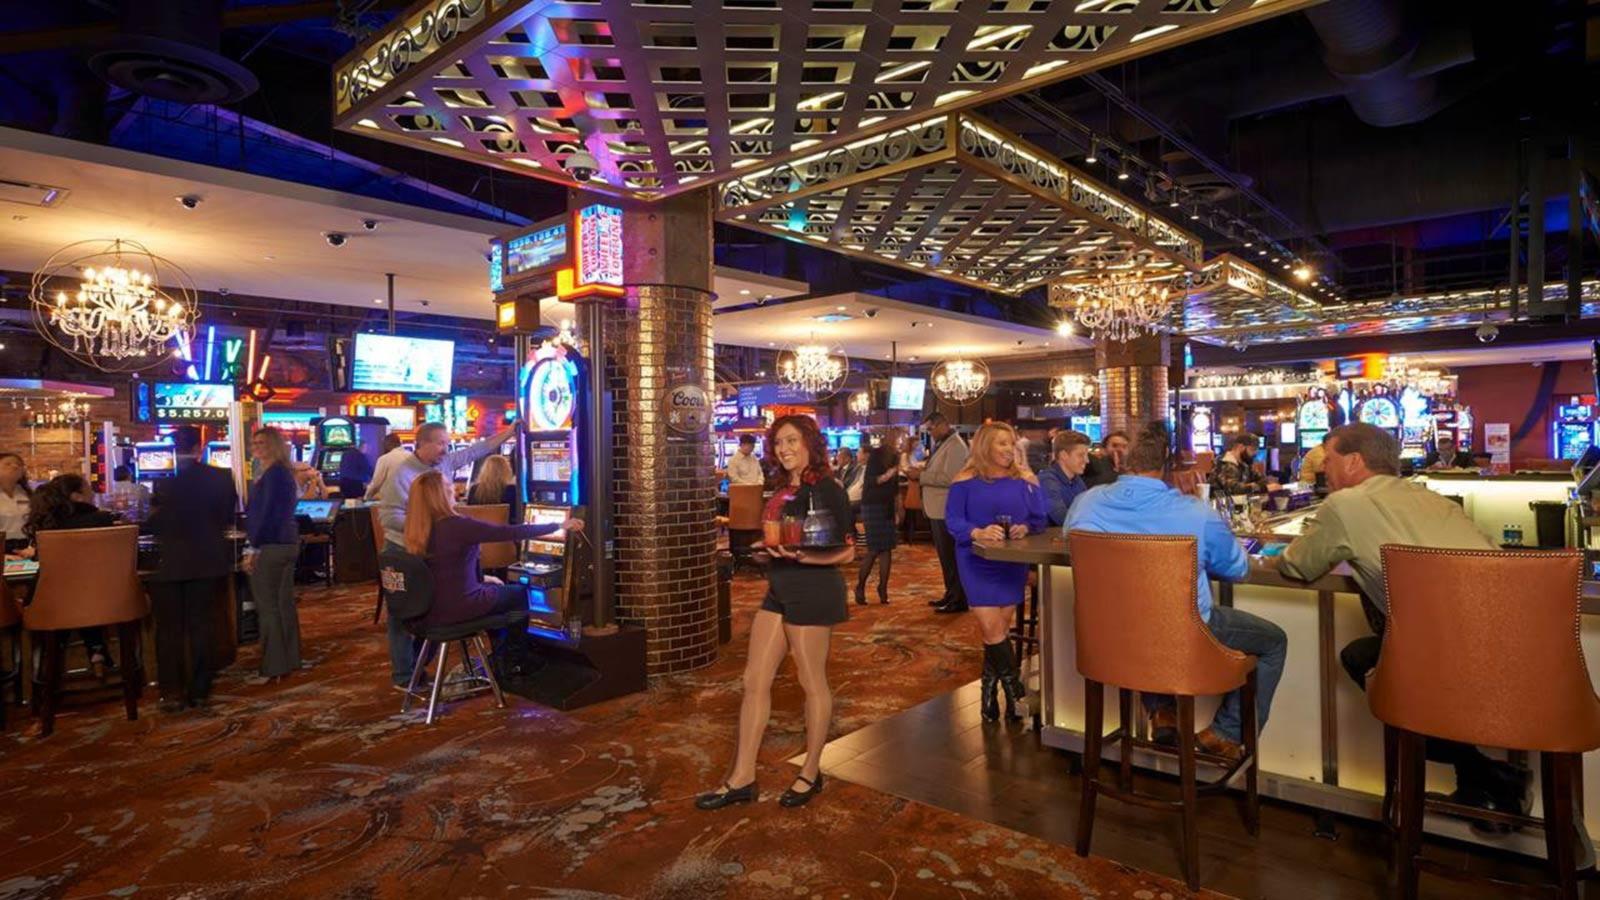 225 ฟรีสปินไม่มีการฝากที่ Fair Go Casino